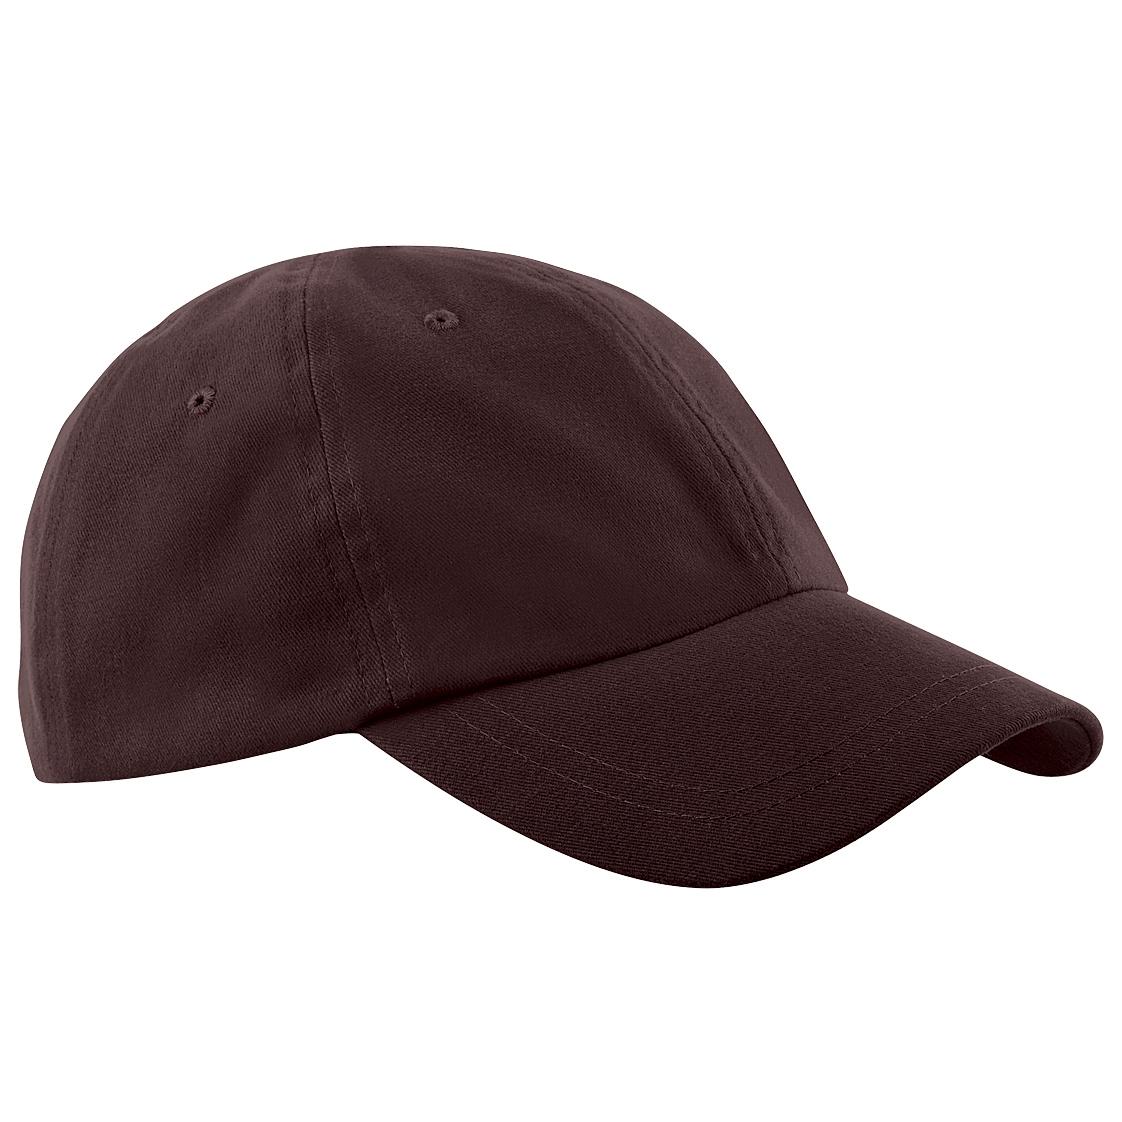 RW197 Beechfield Junior Low Profile Baseball Cap Headwear Schoolwear